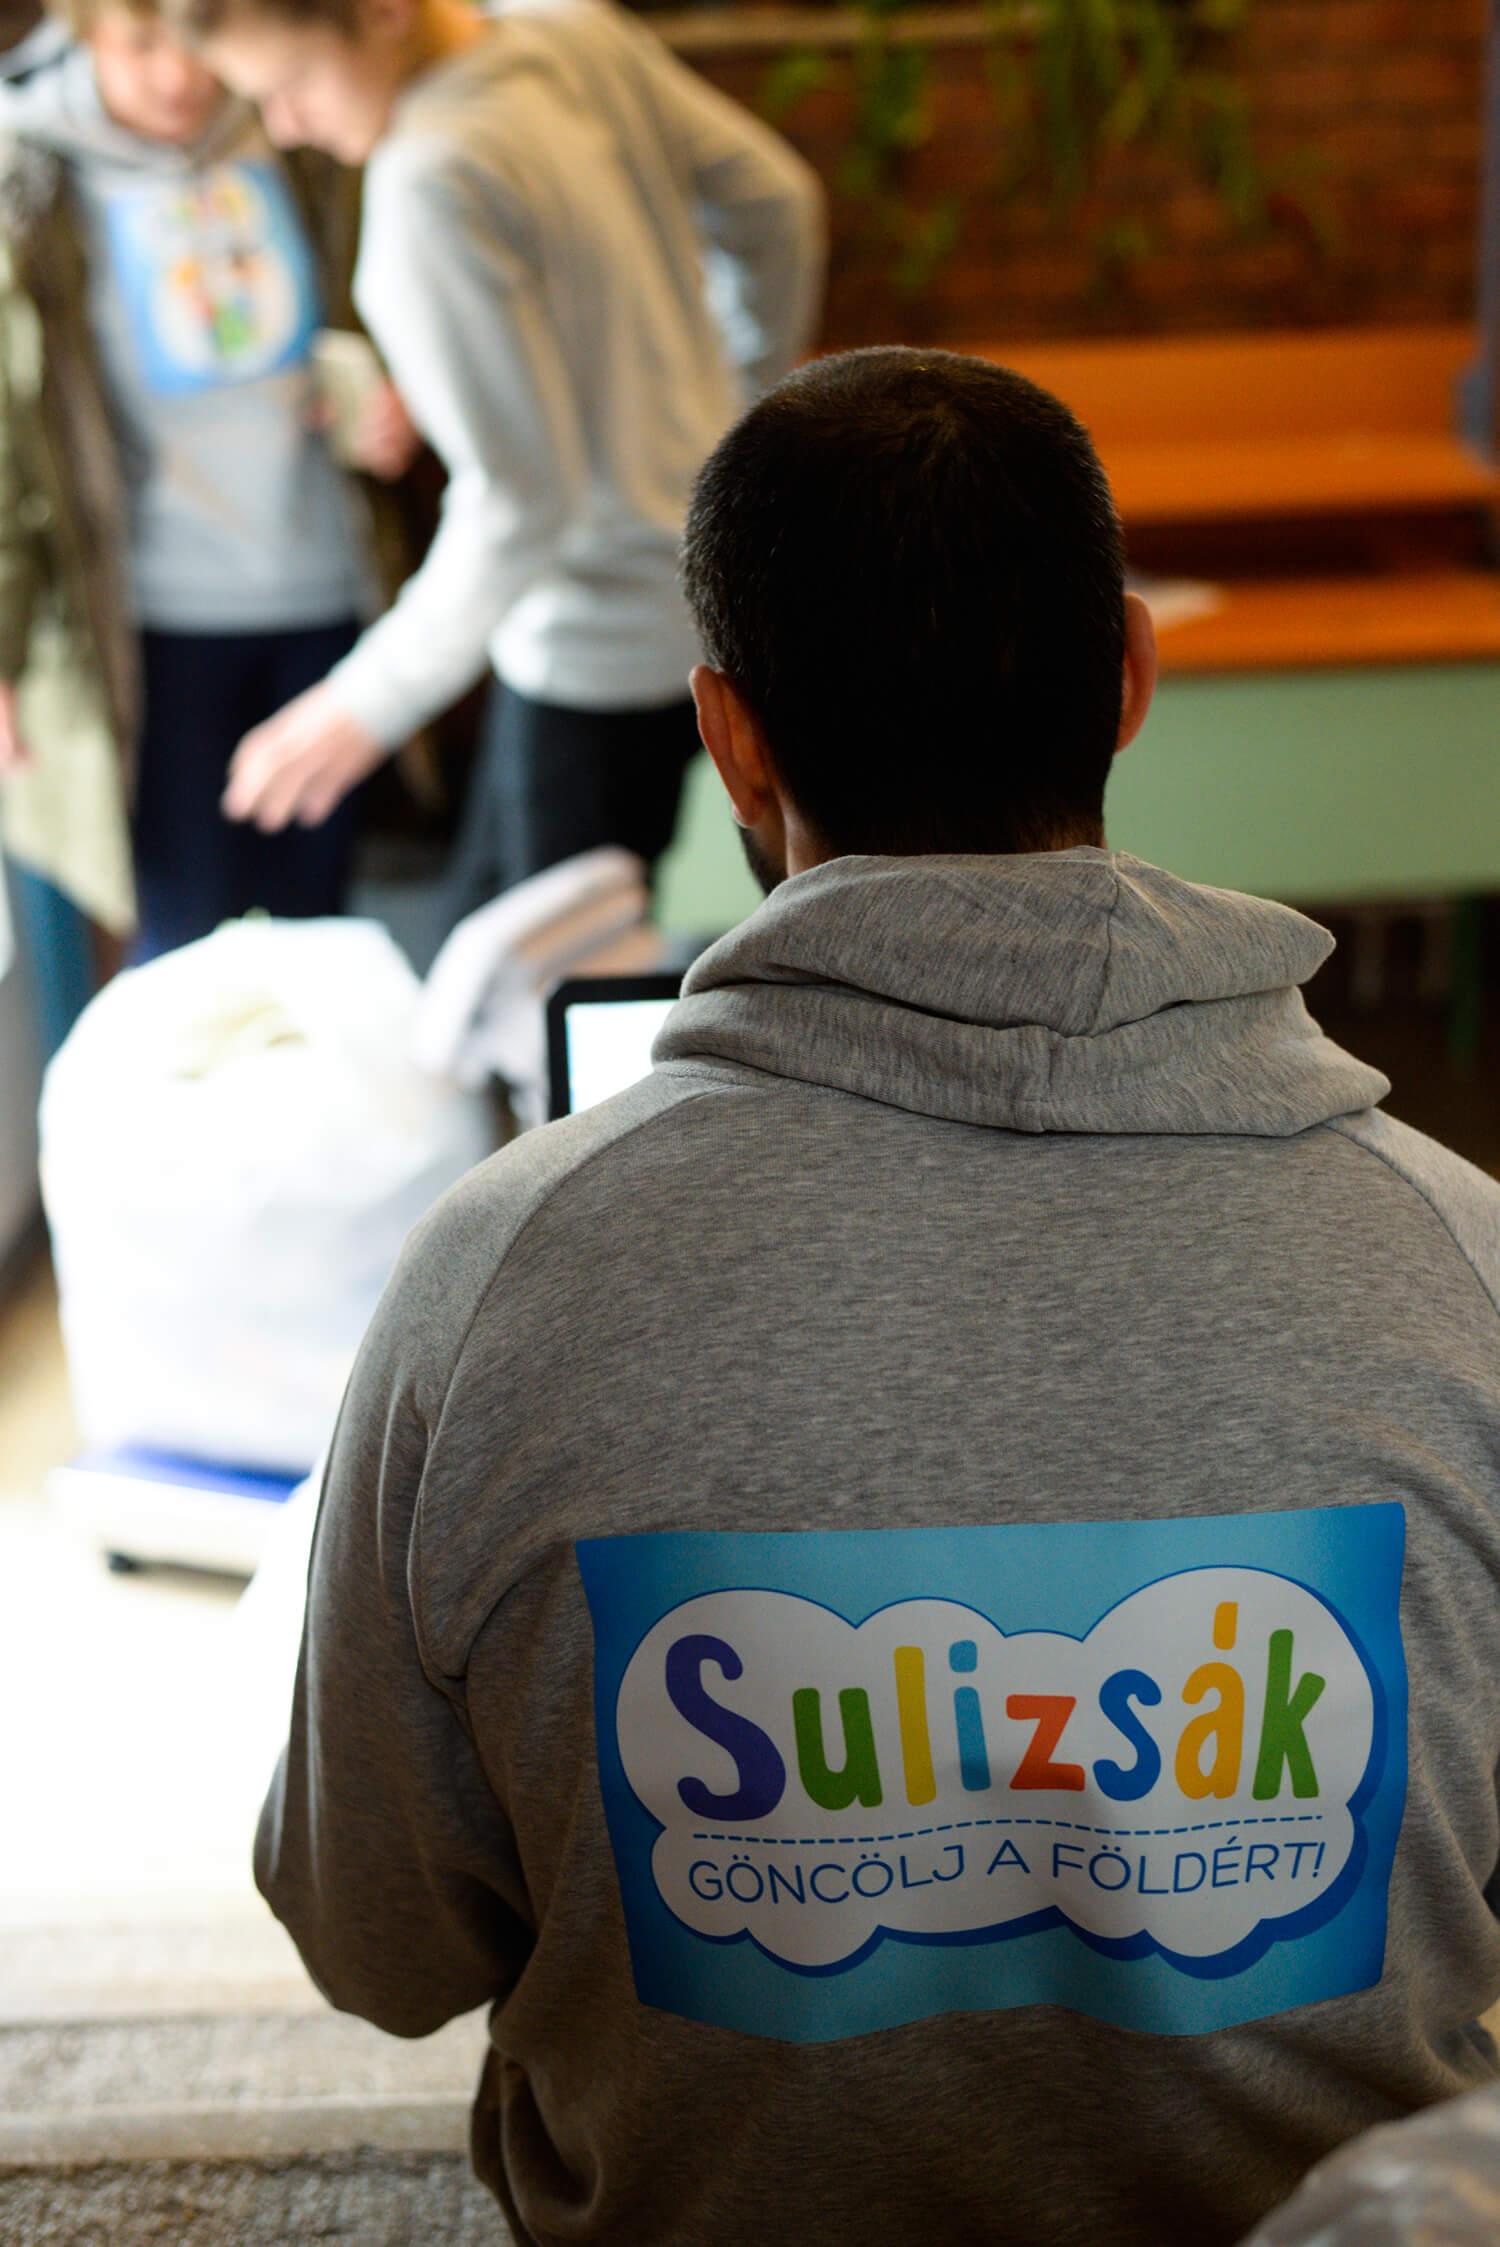 Sulizsák ruhagyűjtés